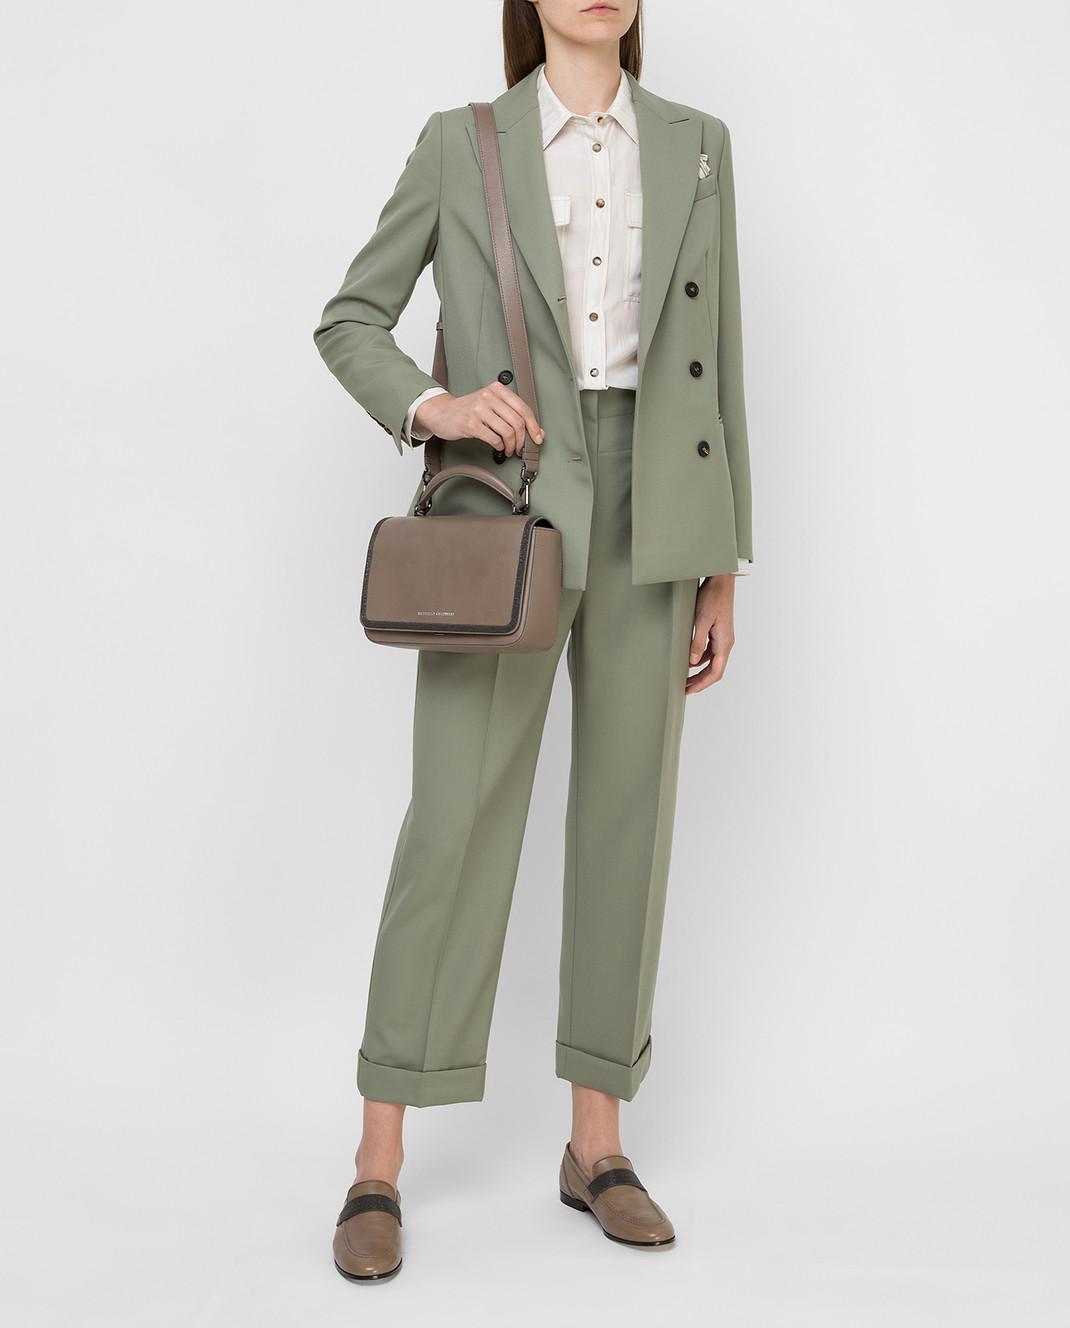 Brunello Cucinelli Зеленый костюм из шерсти изображение 2